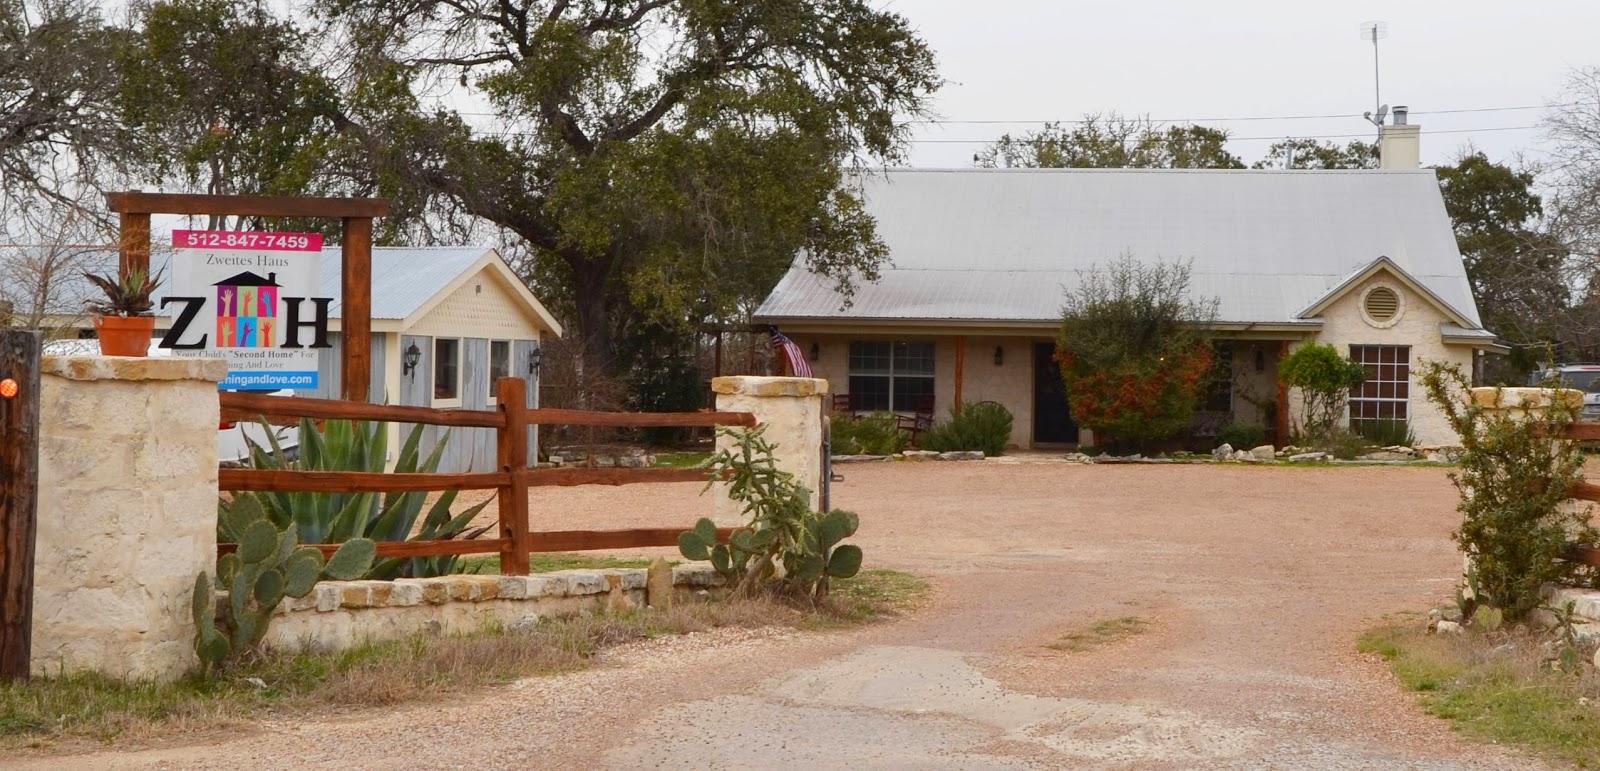 Zweites Haus School of Wimberley LLC Zweites Haus